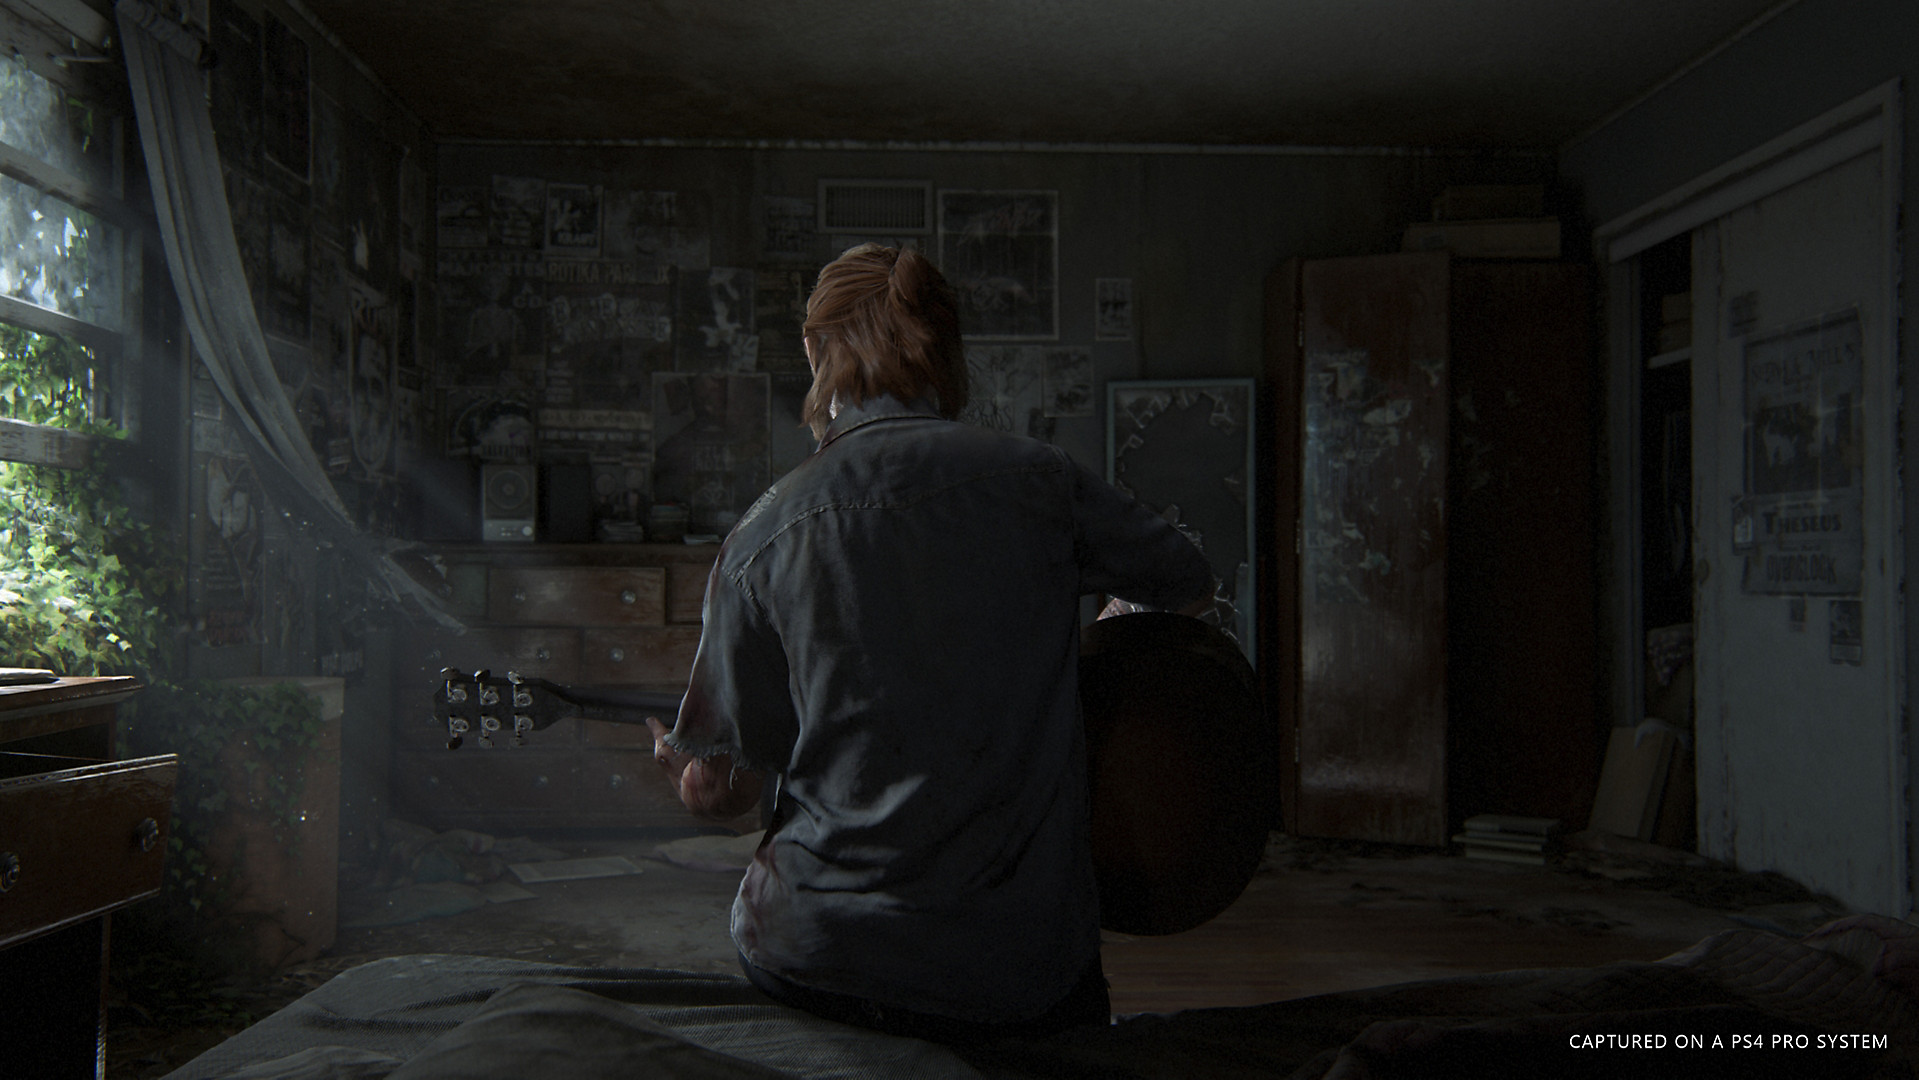 Инсайдер из Naughty Dog: 'The Last of Us: Part 2 - очень хорошая игра, но её создатели платят за это огромную цену'